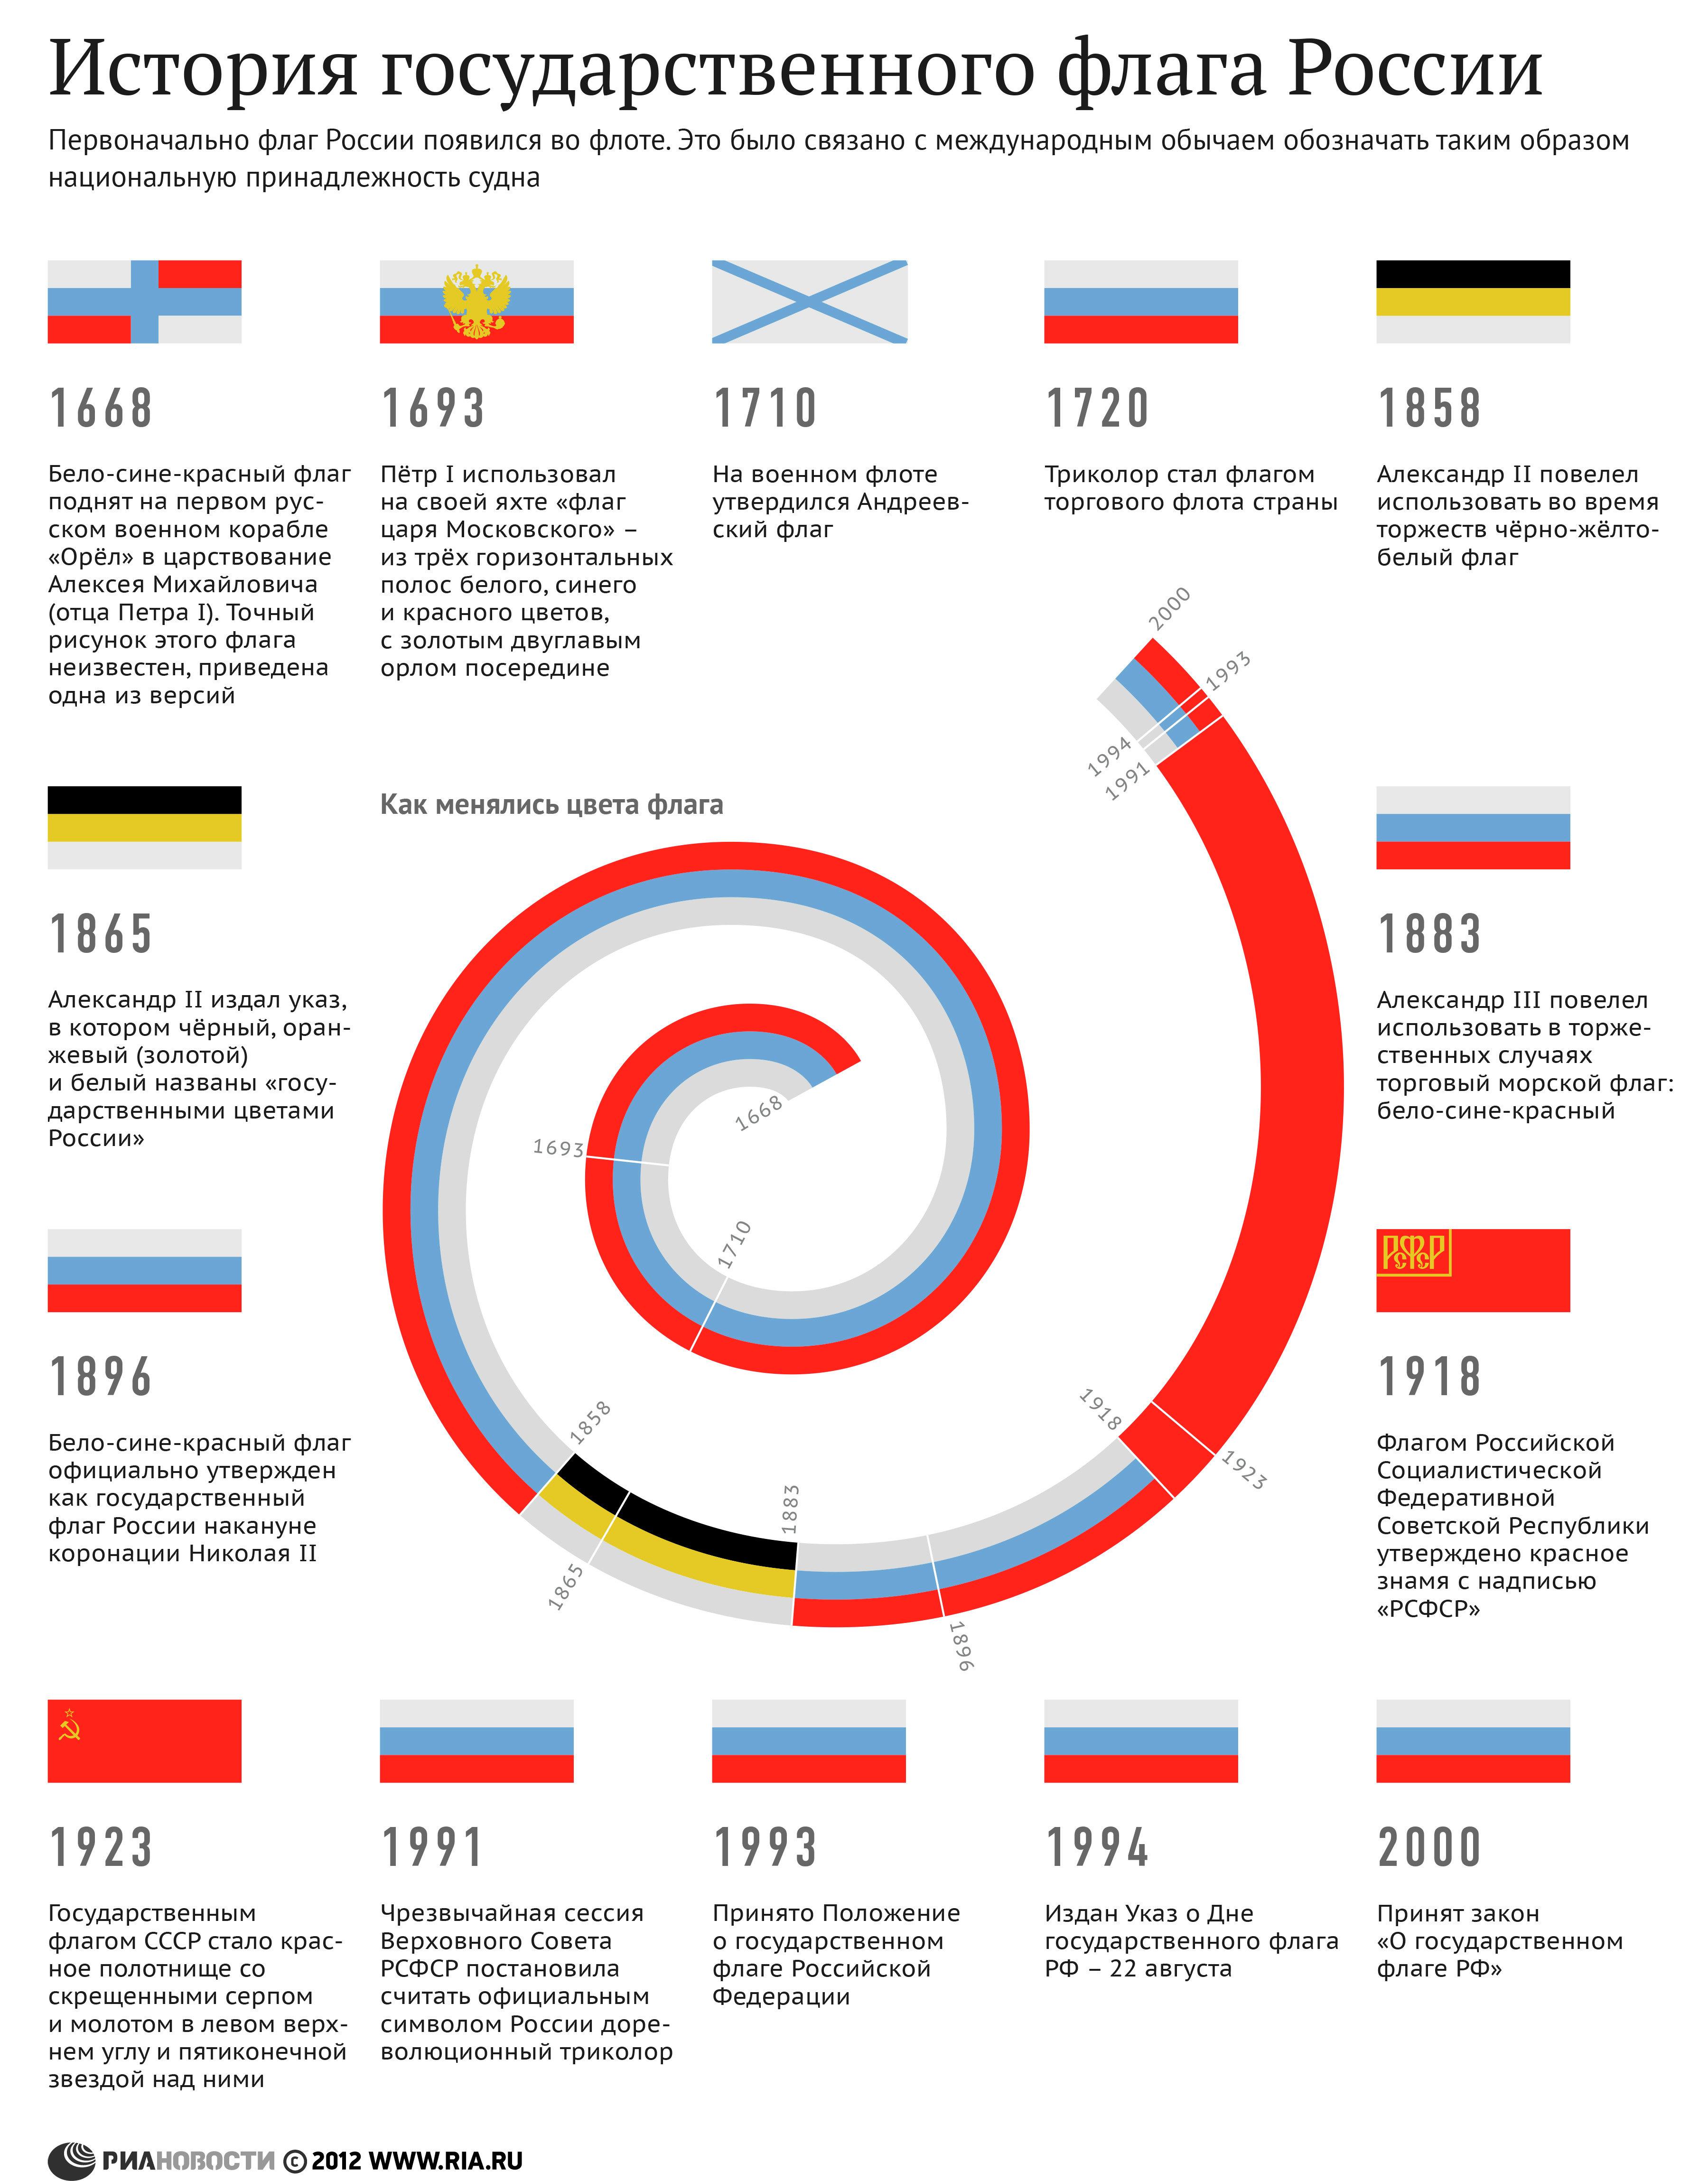 История государственного флага России. Инфографика - Sputnik Таджикистан